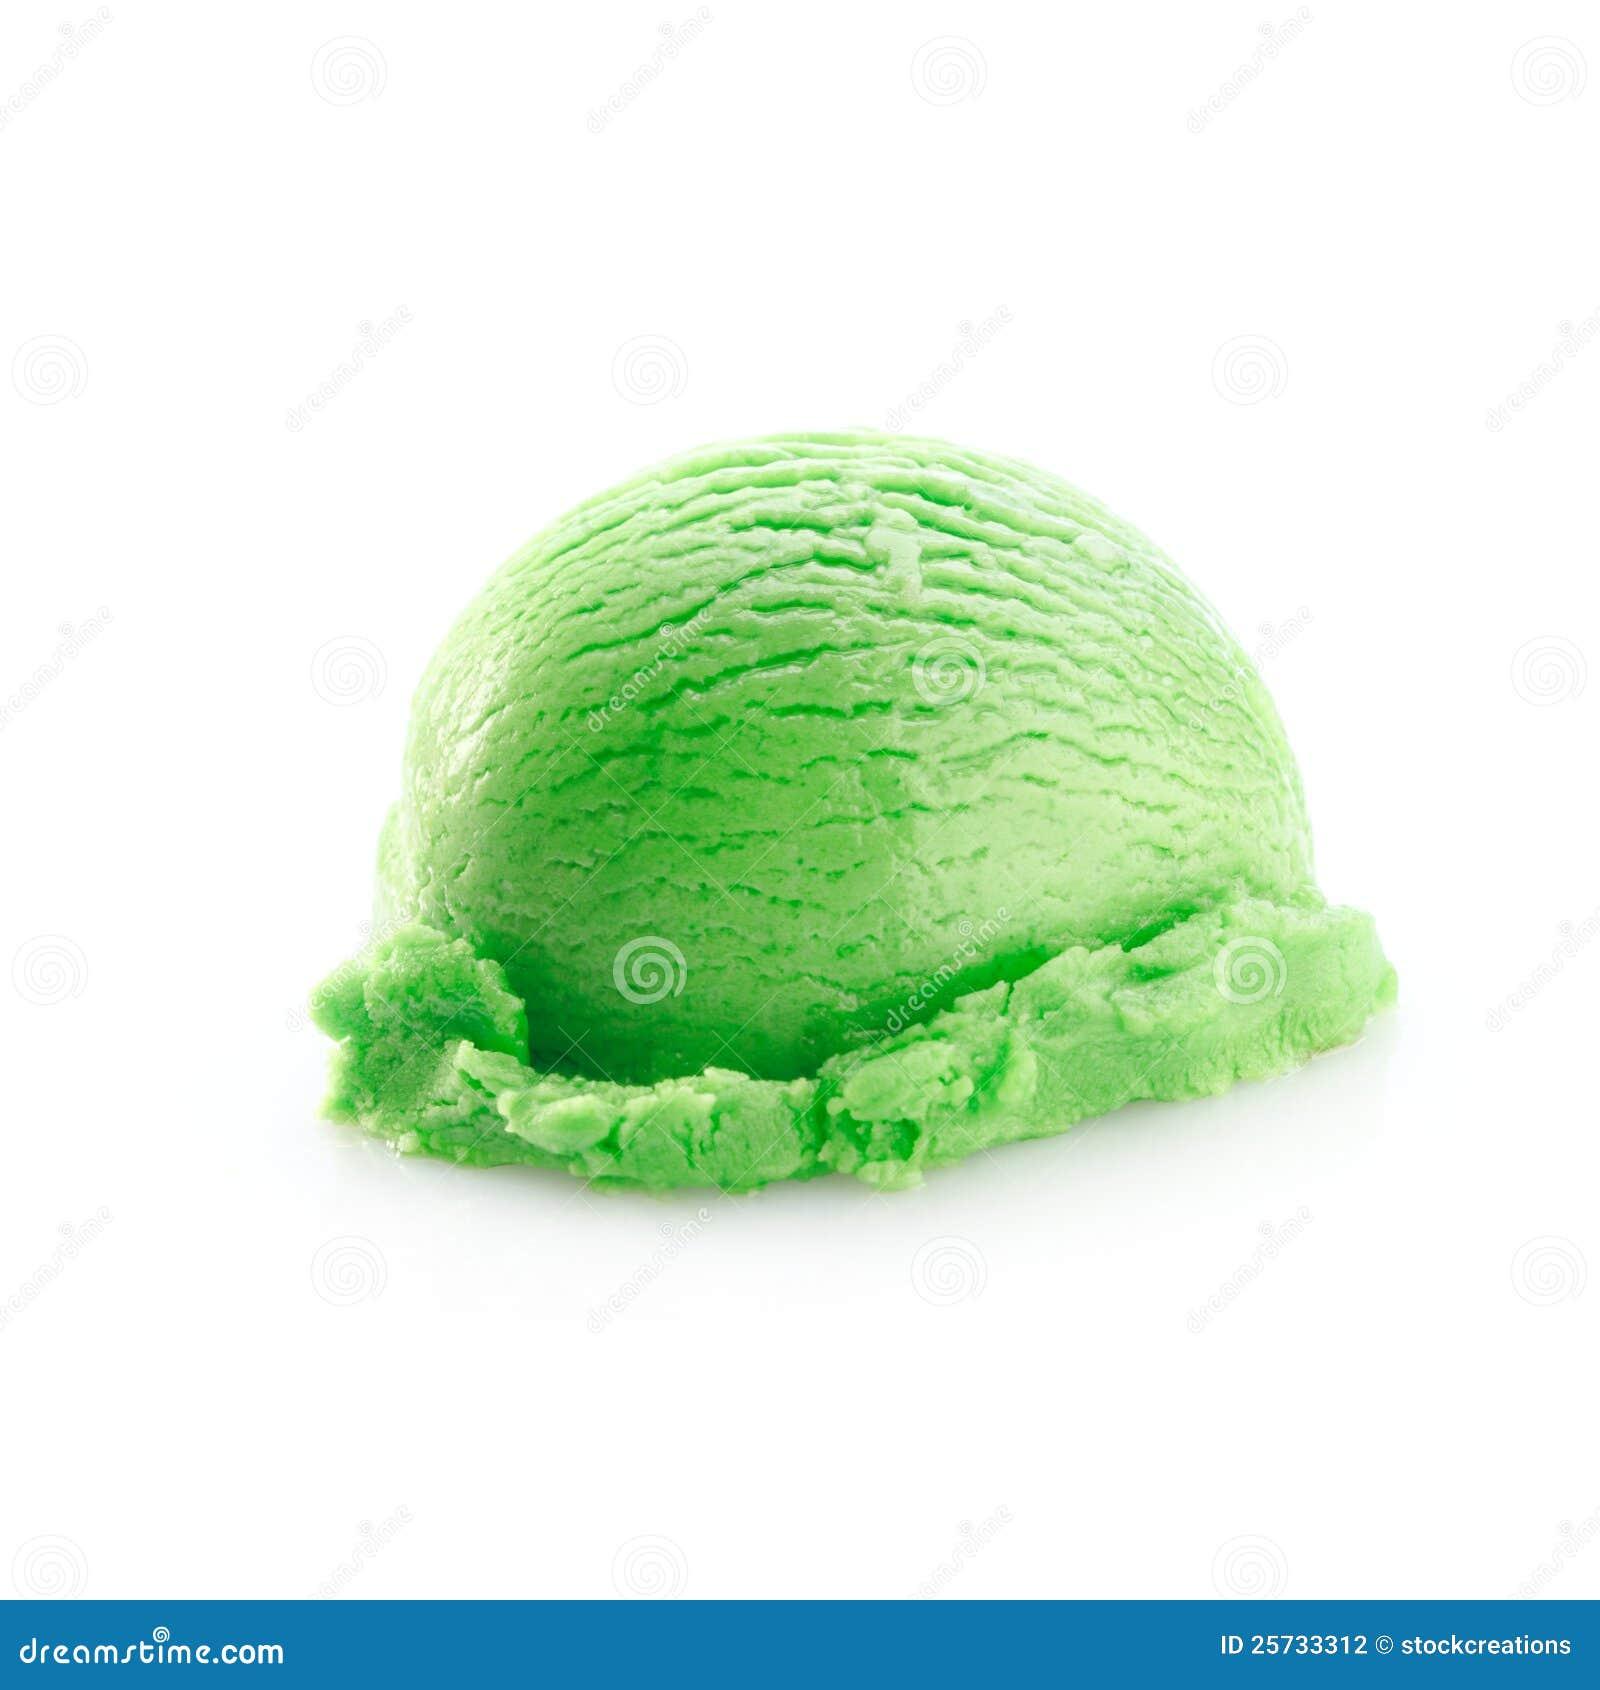 One green scoop of icecream